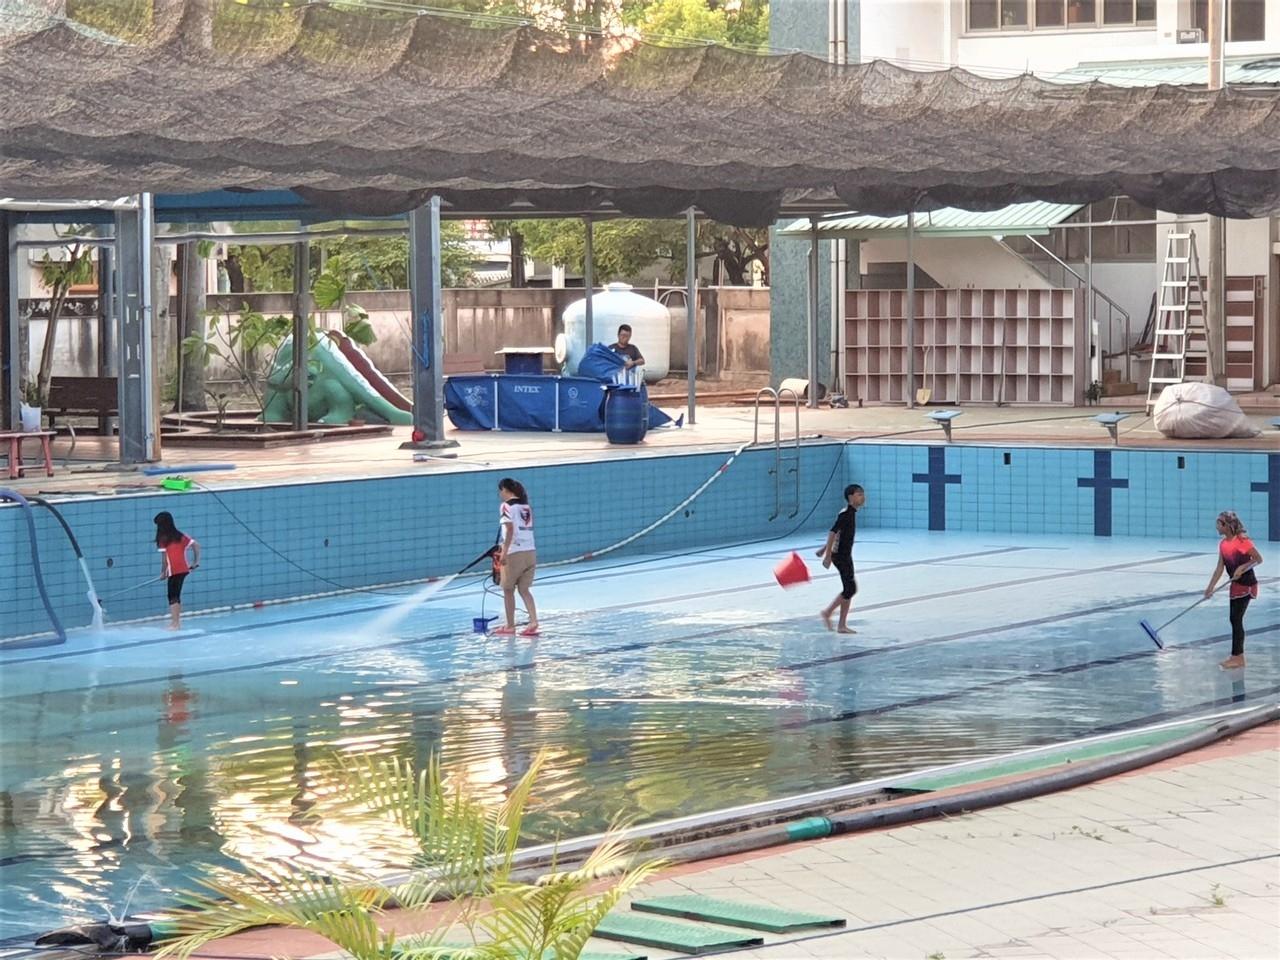 南投縣草屯鎮立游泳池加緊整頓清理,預計明天開放試營運,18日正式開幕。 記者賴香珊/攝影